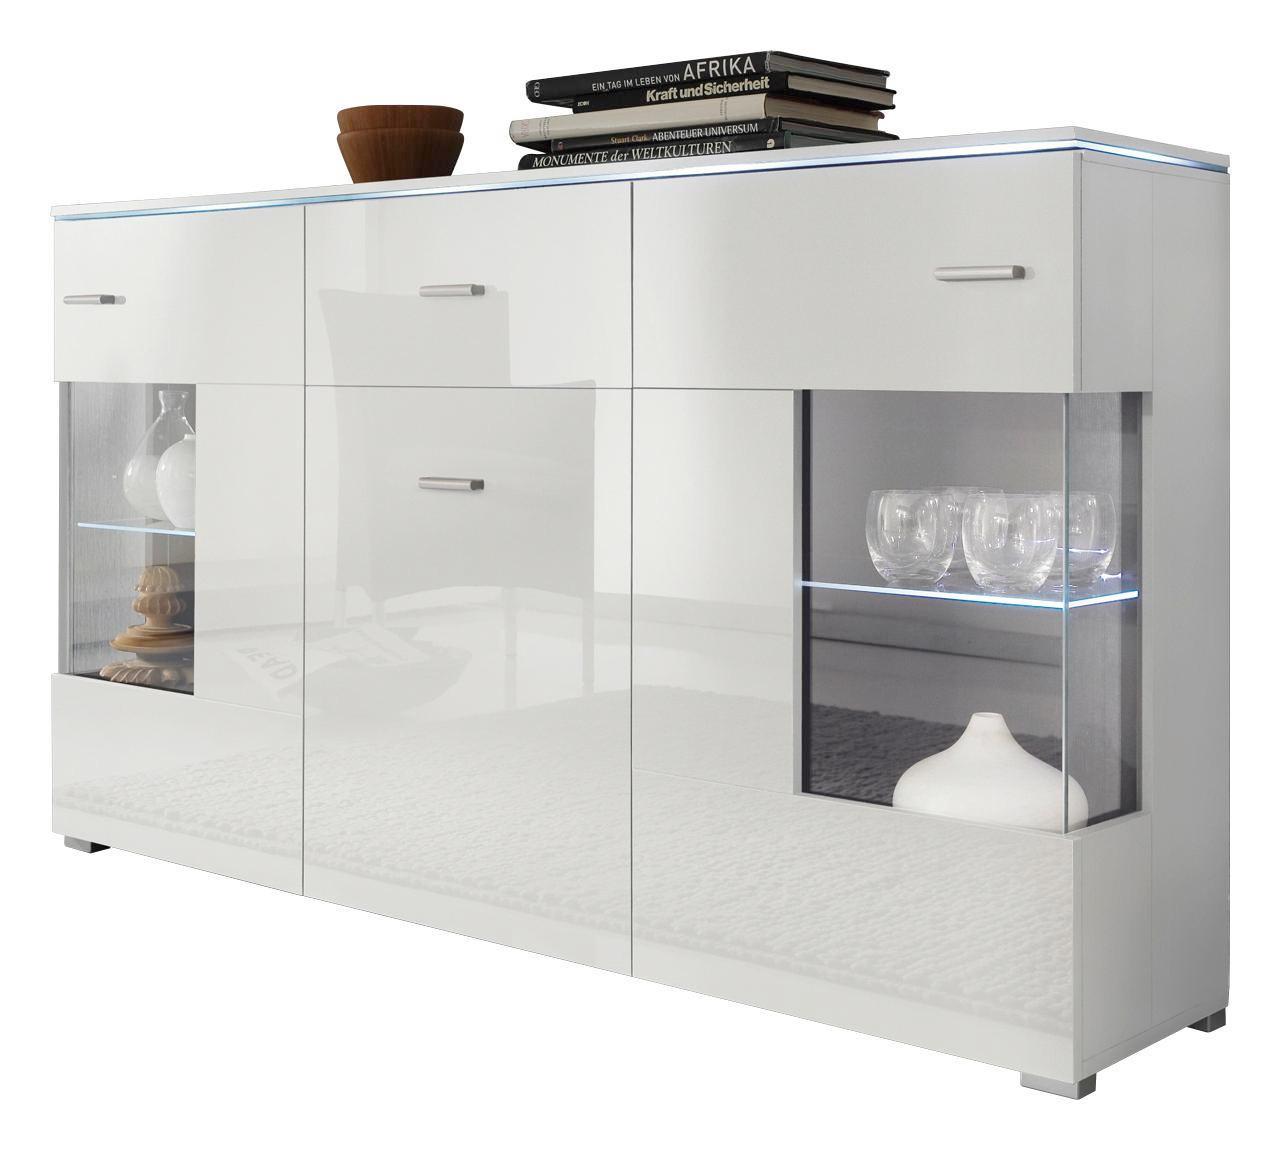 Affordable Excellent Sideboard Hochglanz Wei Design Glasholz With Kommode  Mit Schiebetren Wei With Hngeboard Wei